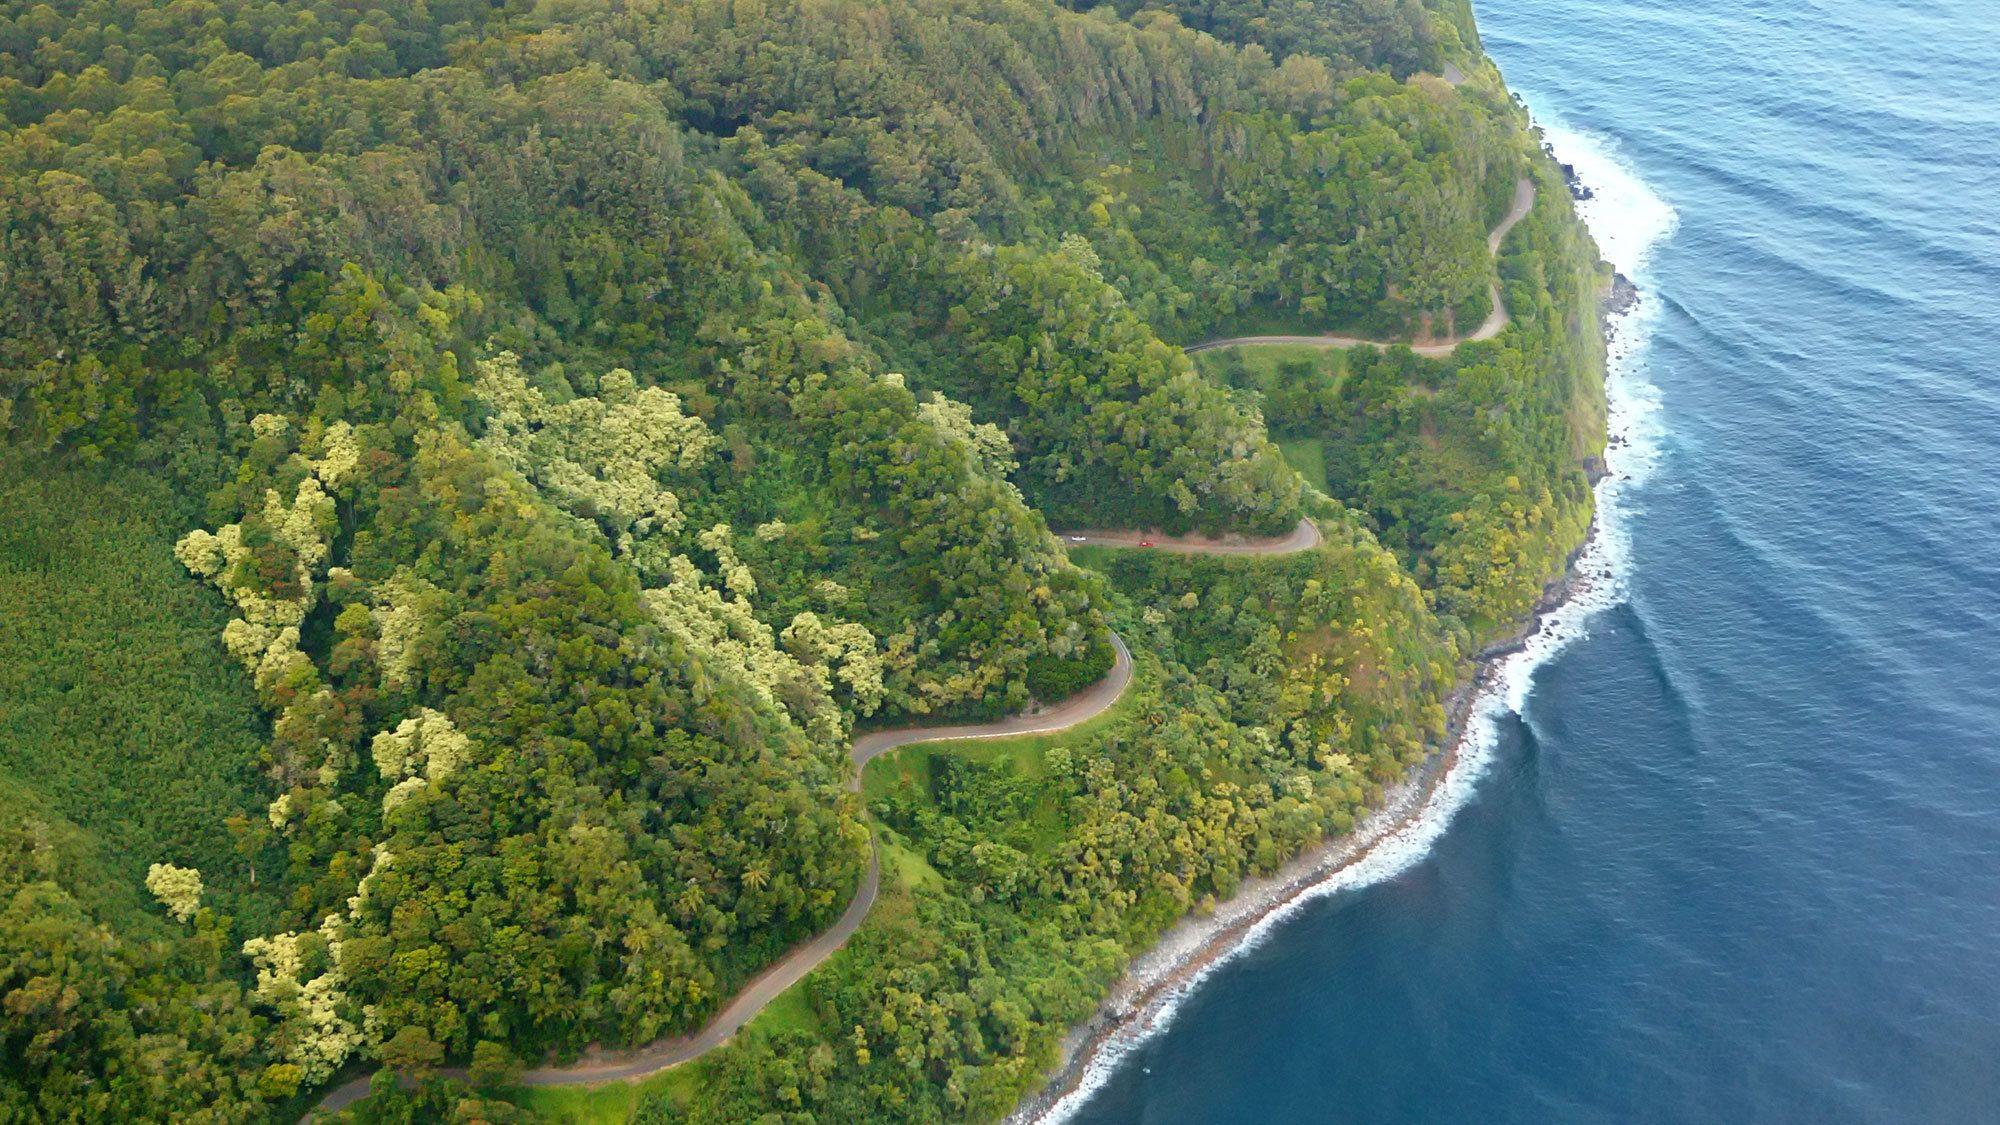 Aerial curvy road to the Hana Rainforest along the coast on the Hana & Haleakala Helicopter Tour in Maui